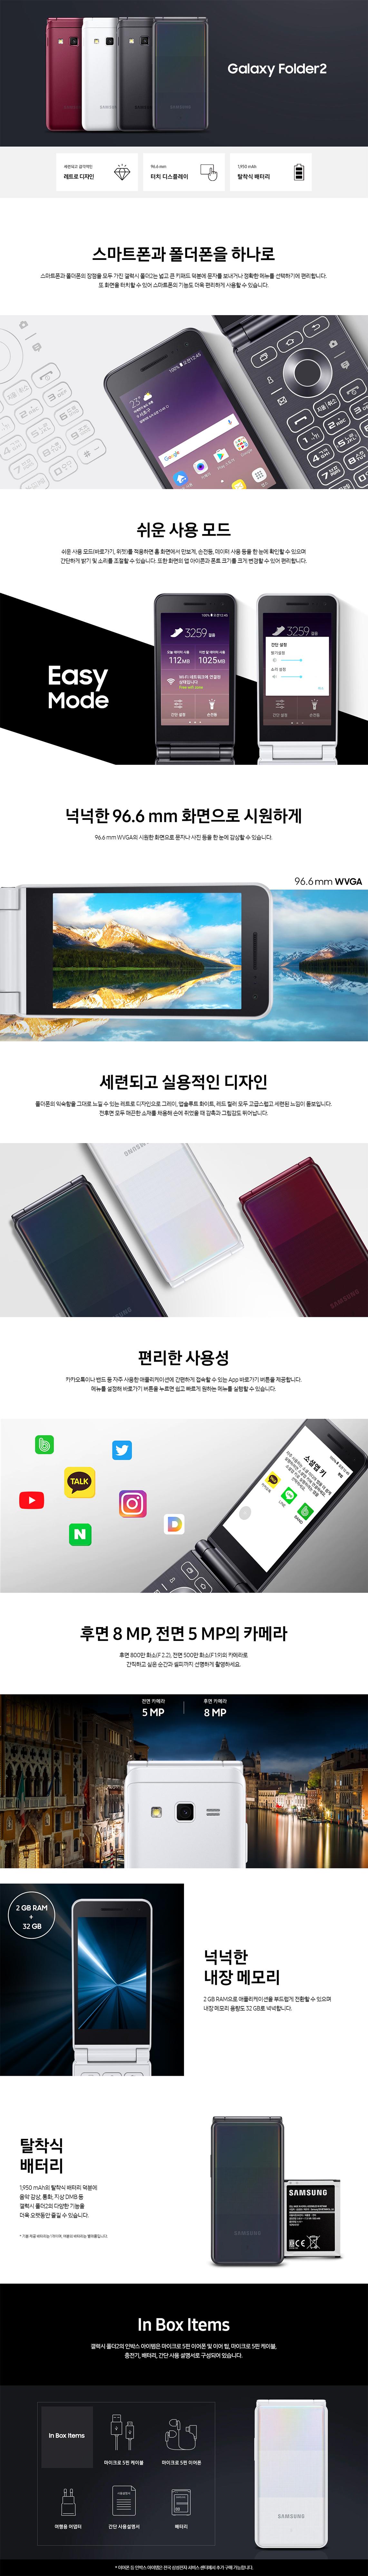 SM-G160N_제품상세.jpg